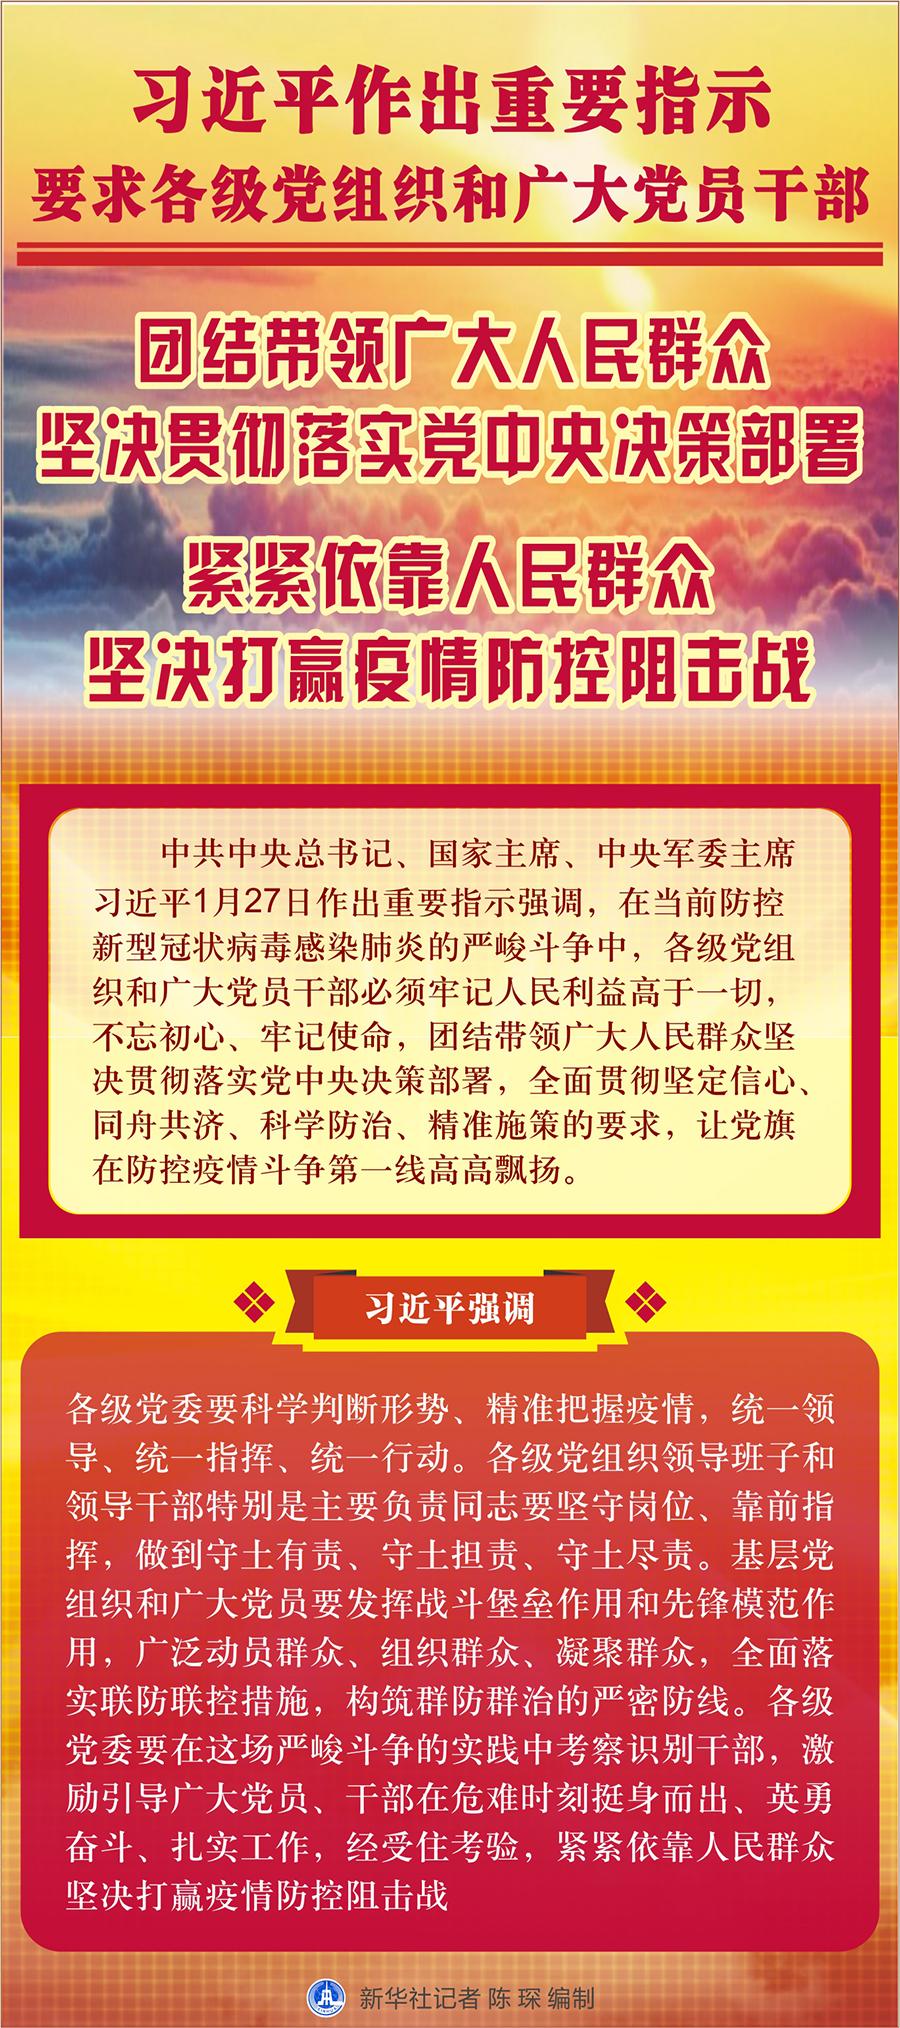 中共中央总书记、国家主席、中央军委主席习近平27日作出重要指示强调